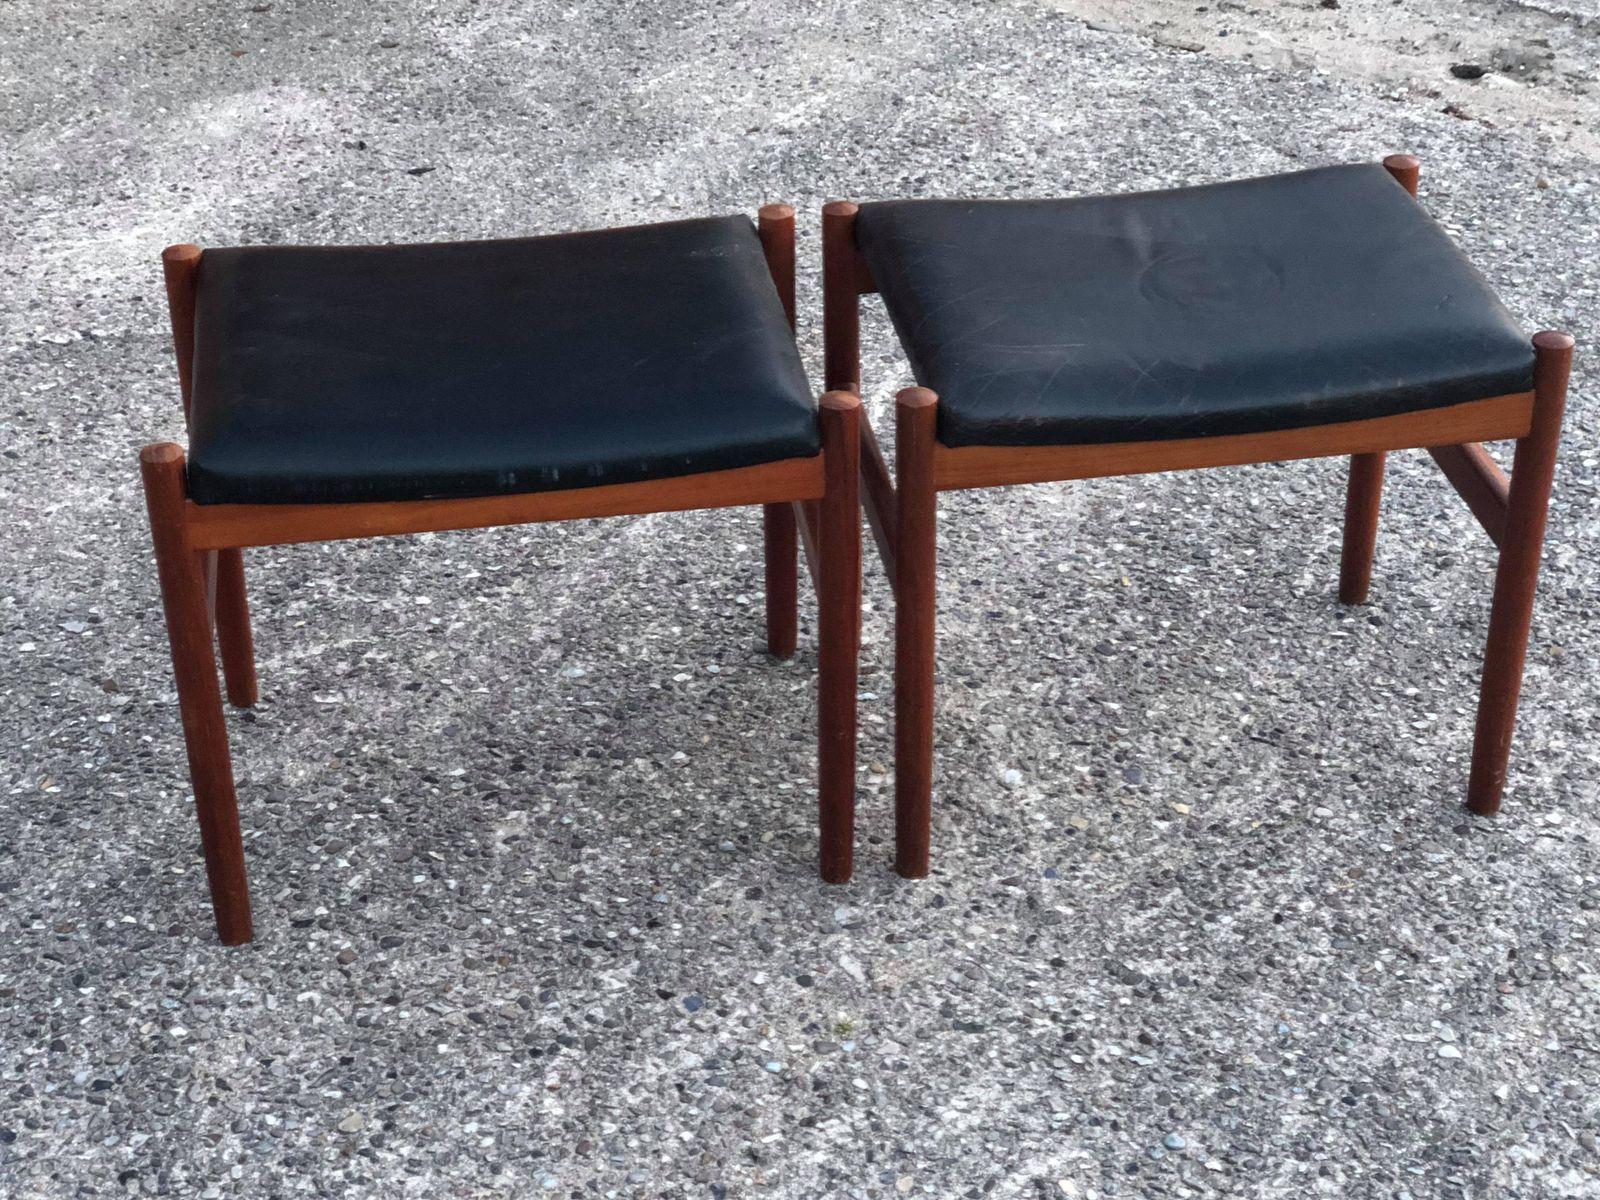 Lotto di sgabelli unizo legno e acciaio cromato naturale